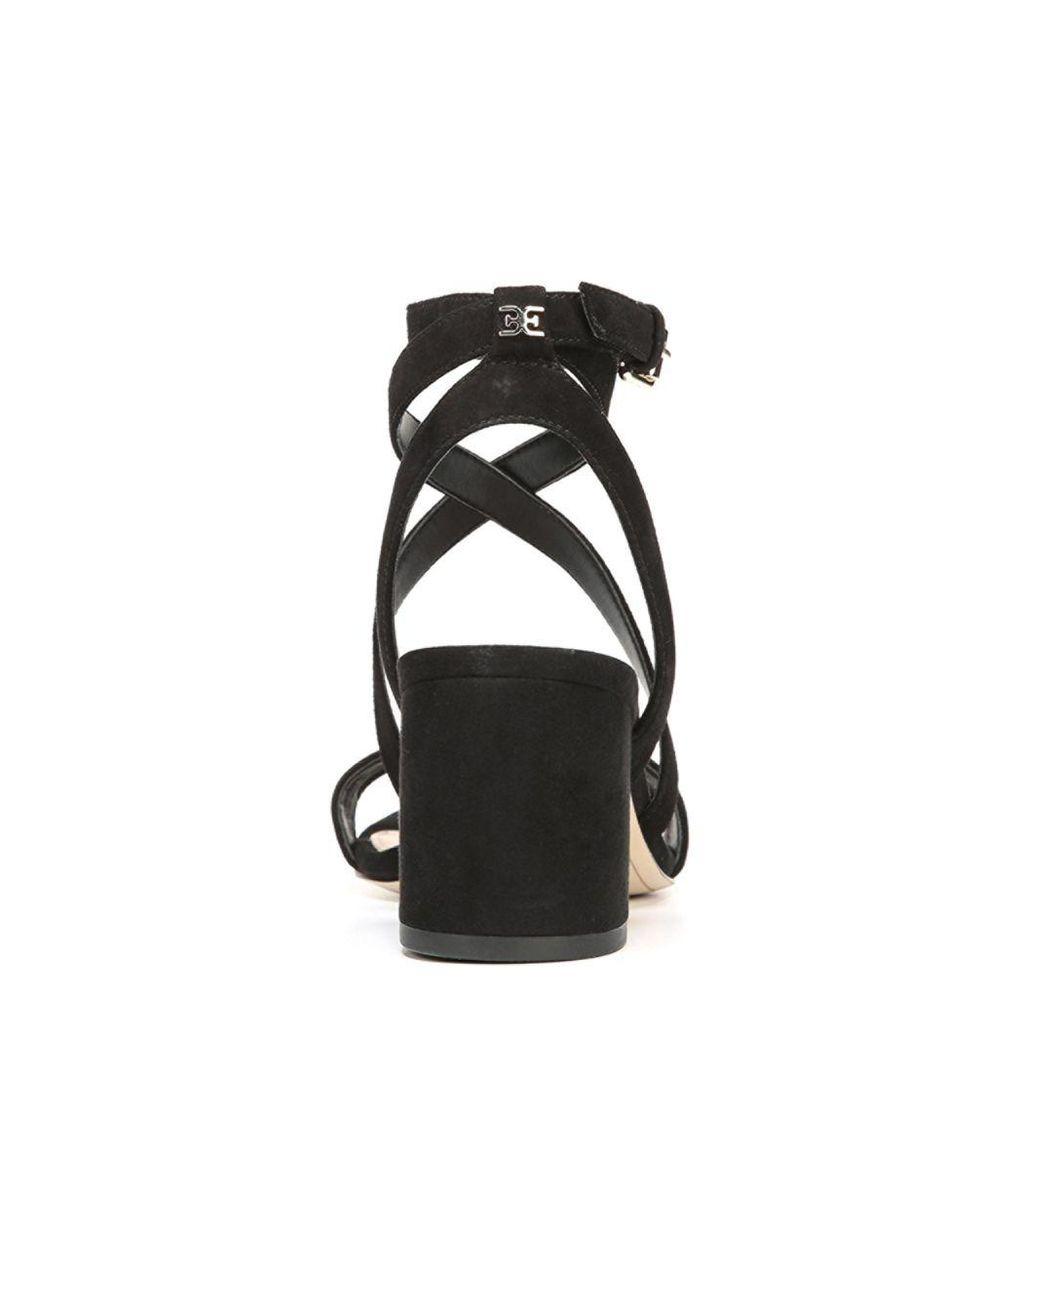 03e80b09c9f Lyst - Sam Edelman Sammy Strappy Suede Sandals in Black - Save 71%